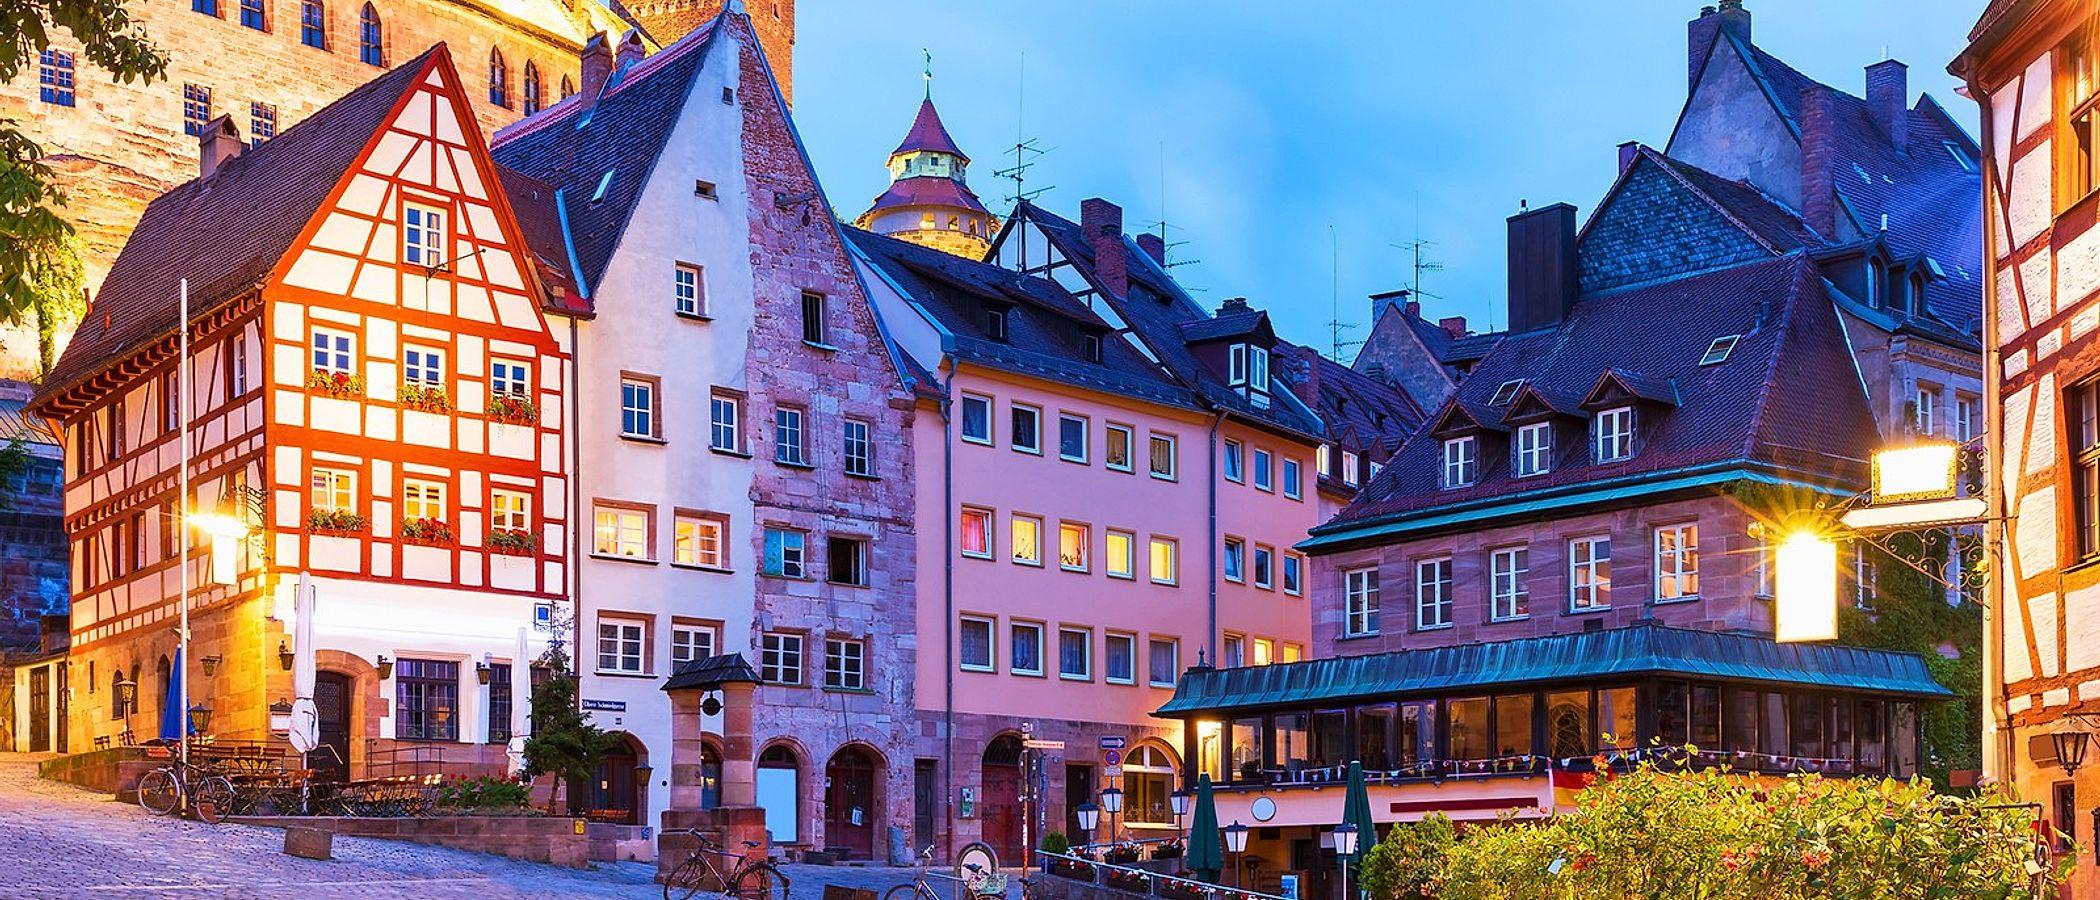 Nuremberg travel packages